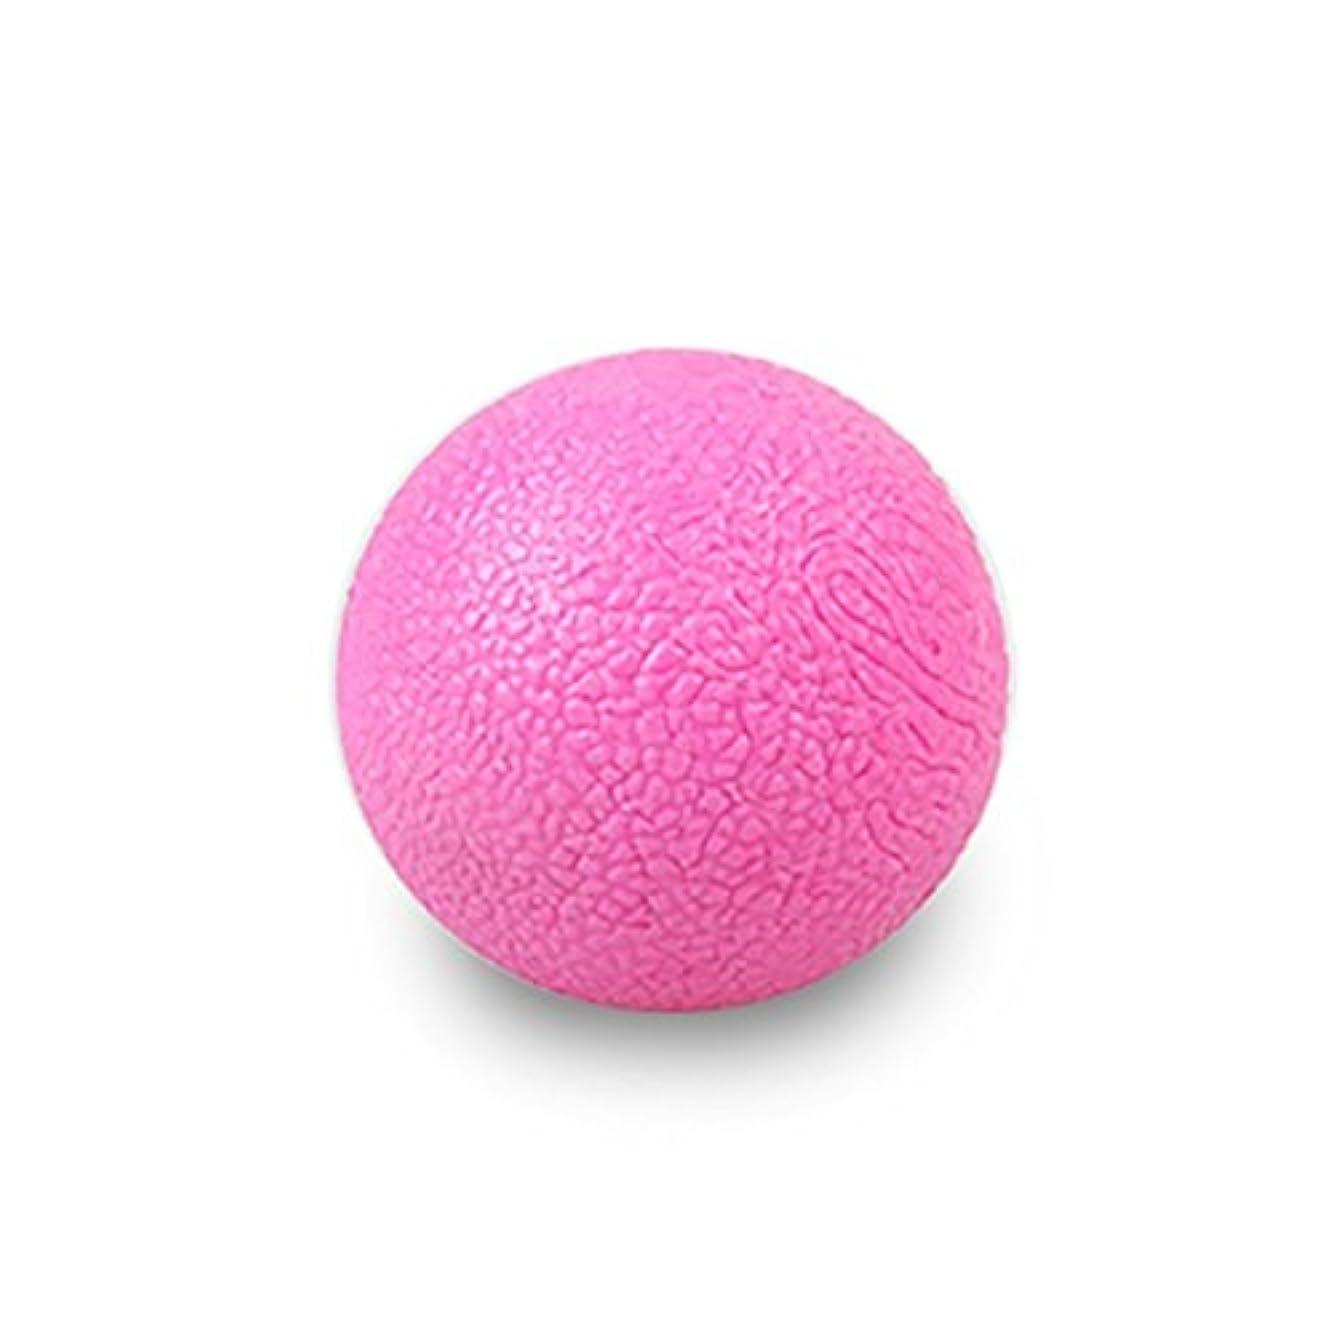 噴出する言語有益なShape Up UPnShape ミニ マッサージ ボール (4.7 インチ)/ストレッチ、ヨガ リハビリテーション腰痛首 (ピンク)